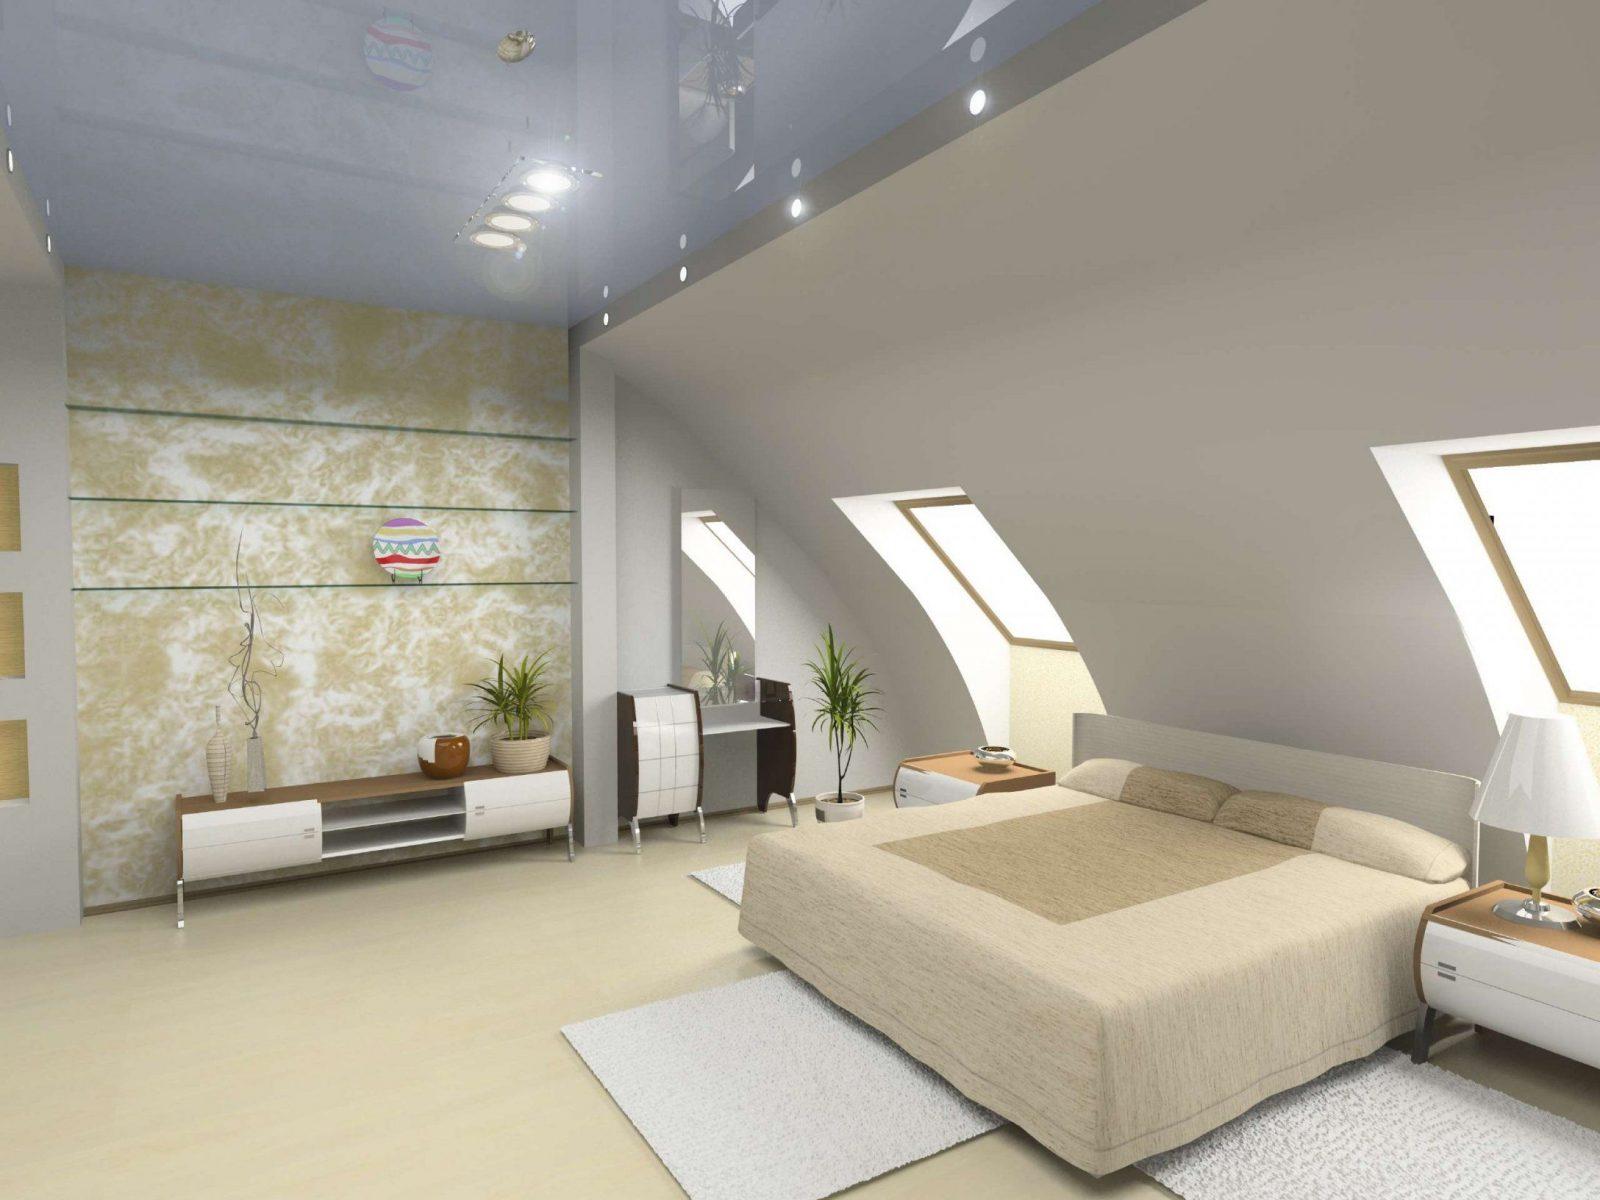 Schlafzimmer Mit Dachschräge Ideen High Definition Wallpaper Fotos Von  Fototapete Für Schräge Wände Bild